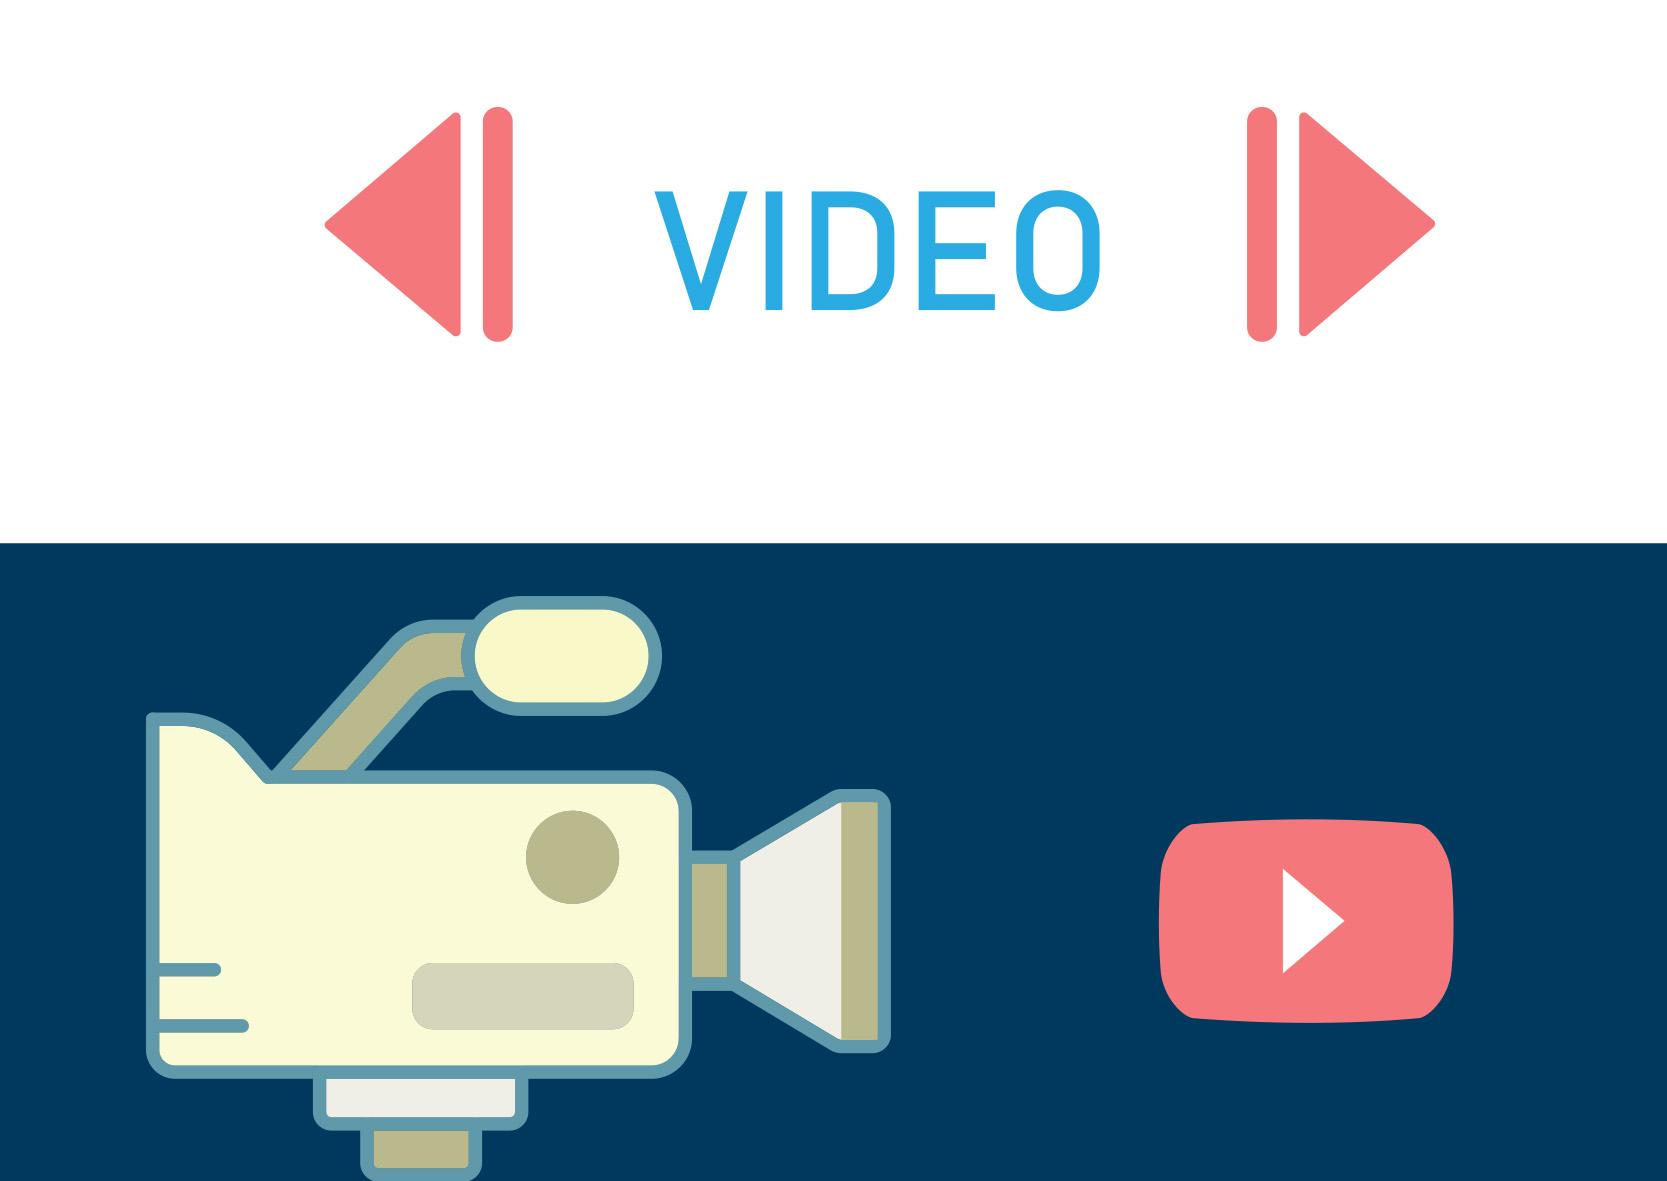 Pretvarajte sadrzaj blogova u video zapise na Youtube